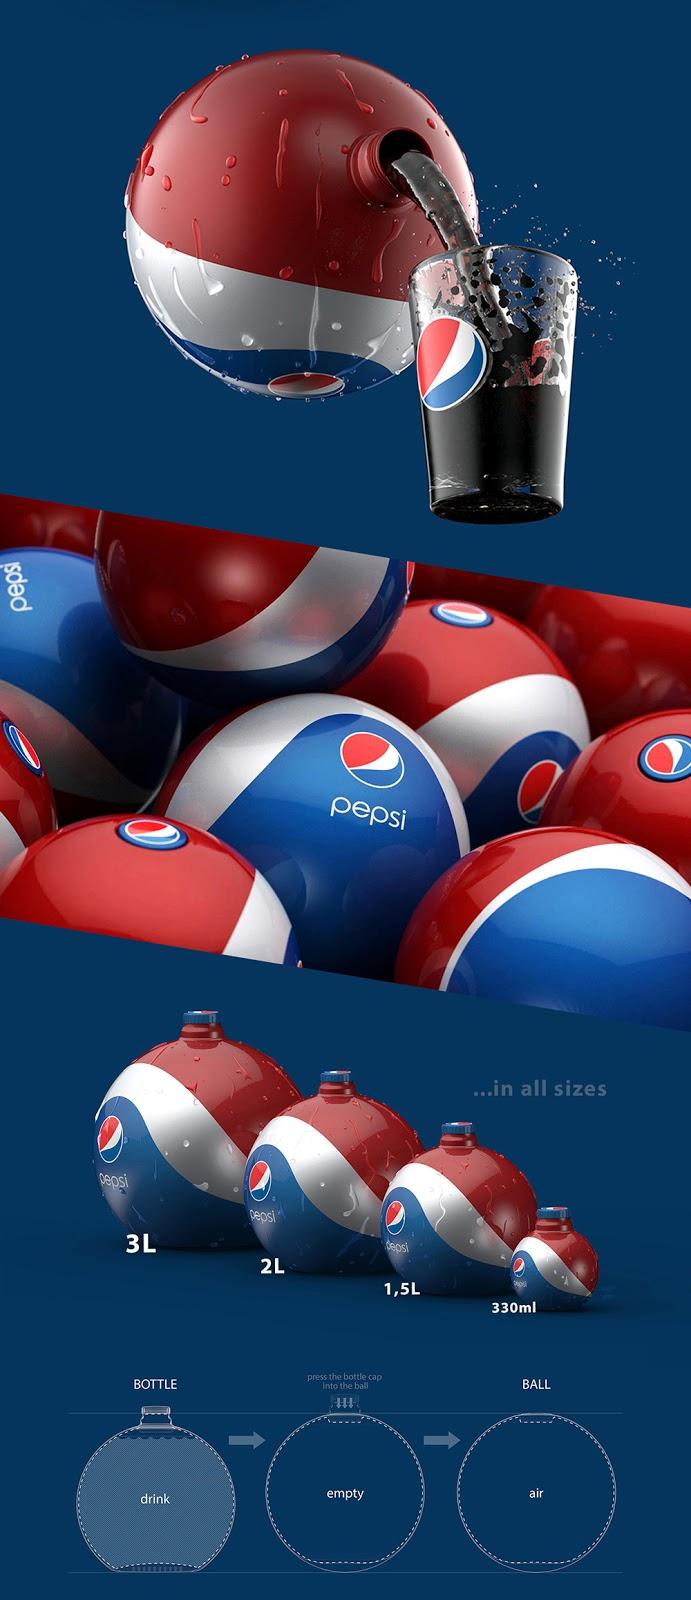 garrafa-bola-da-pepsi-rubber-ball-4